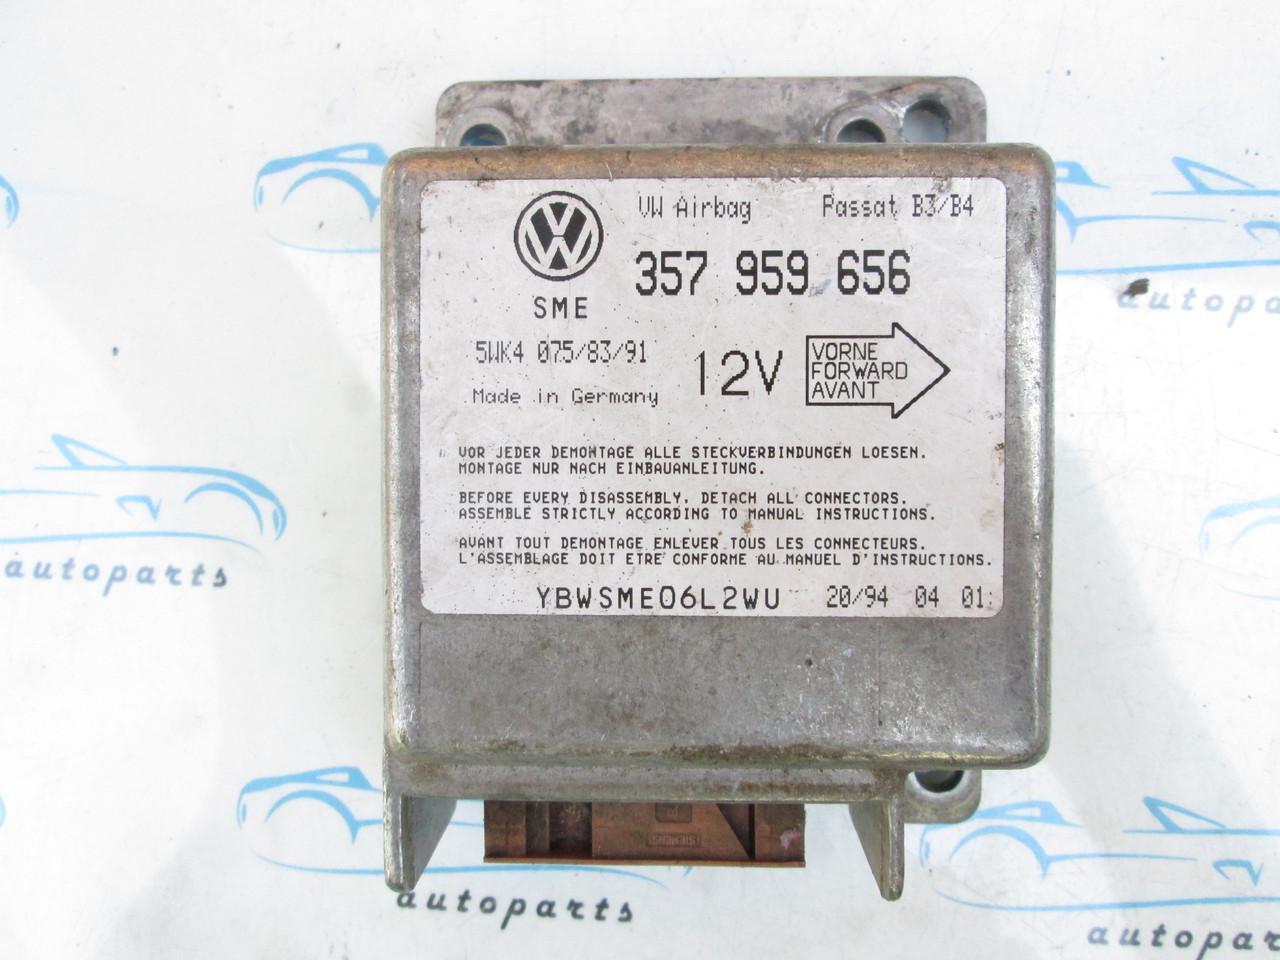 Блок управления VAG Airbag 357959656